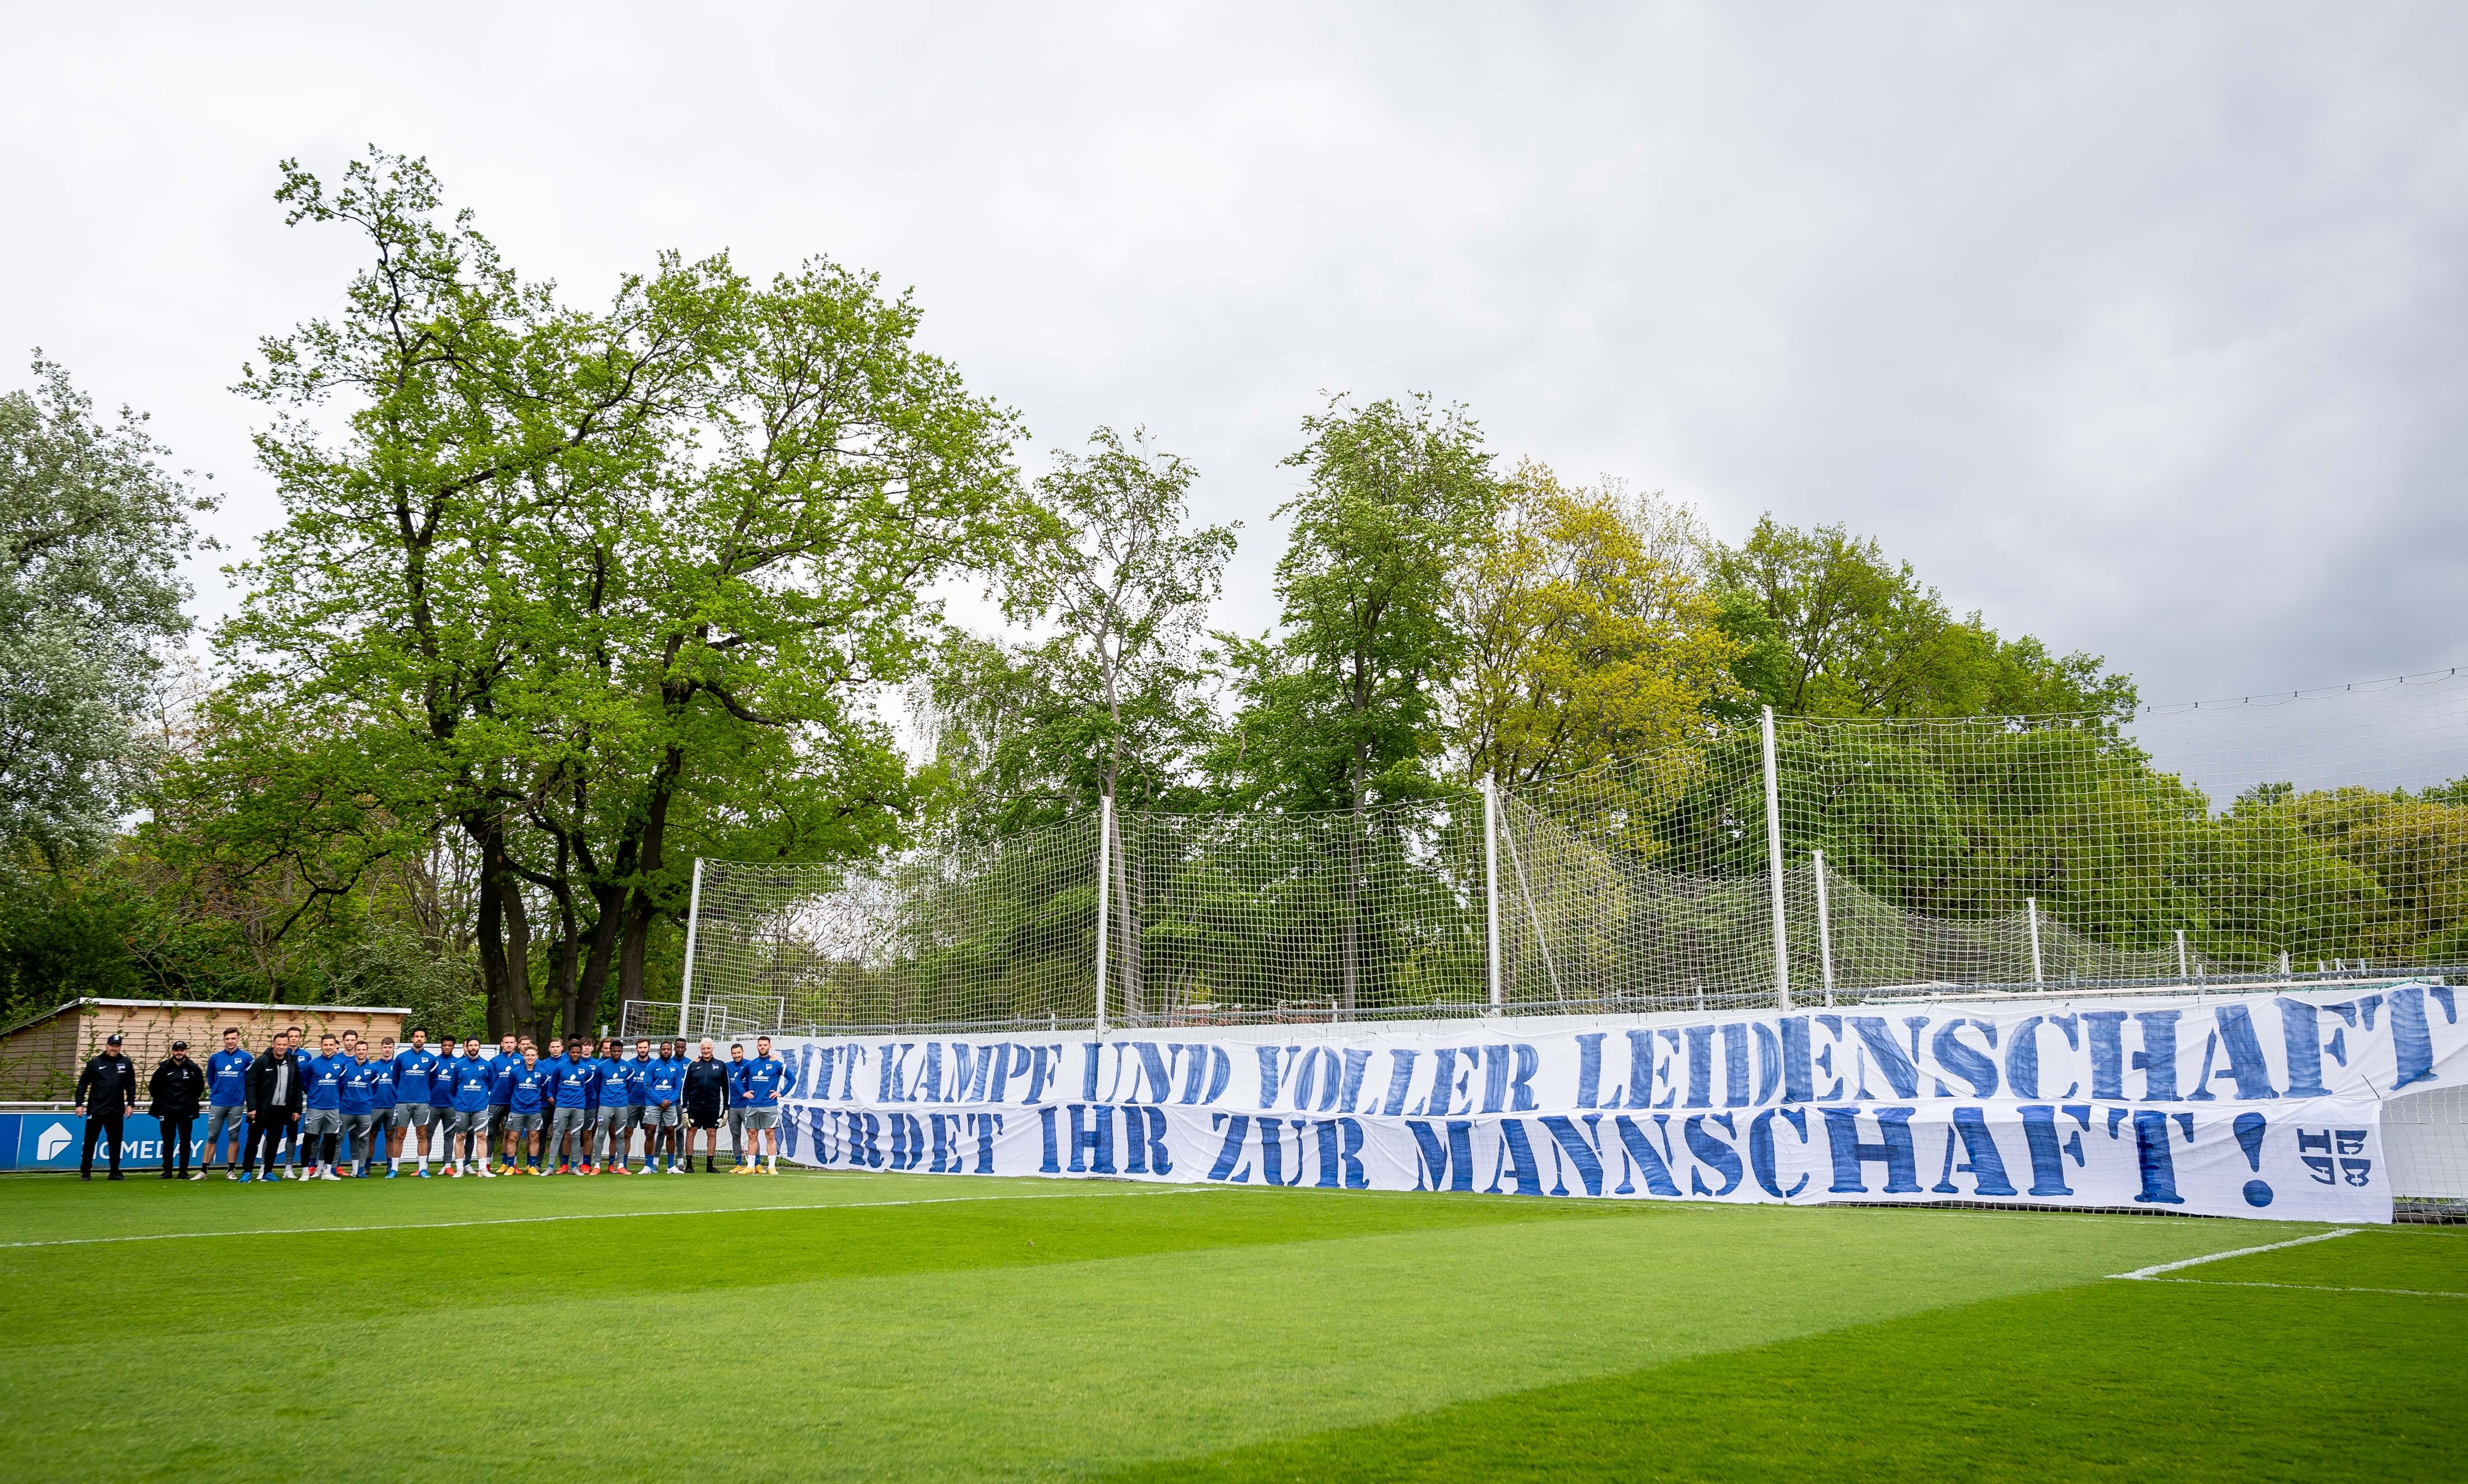 El equipo junto a la pancarta de los fans